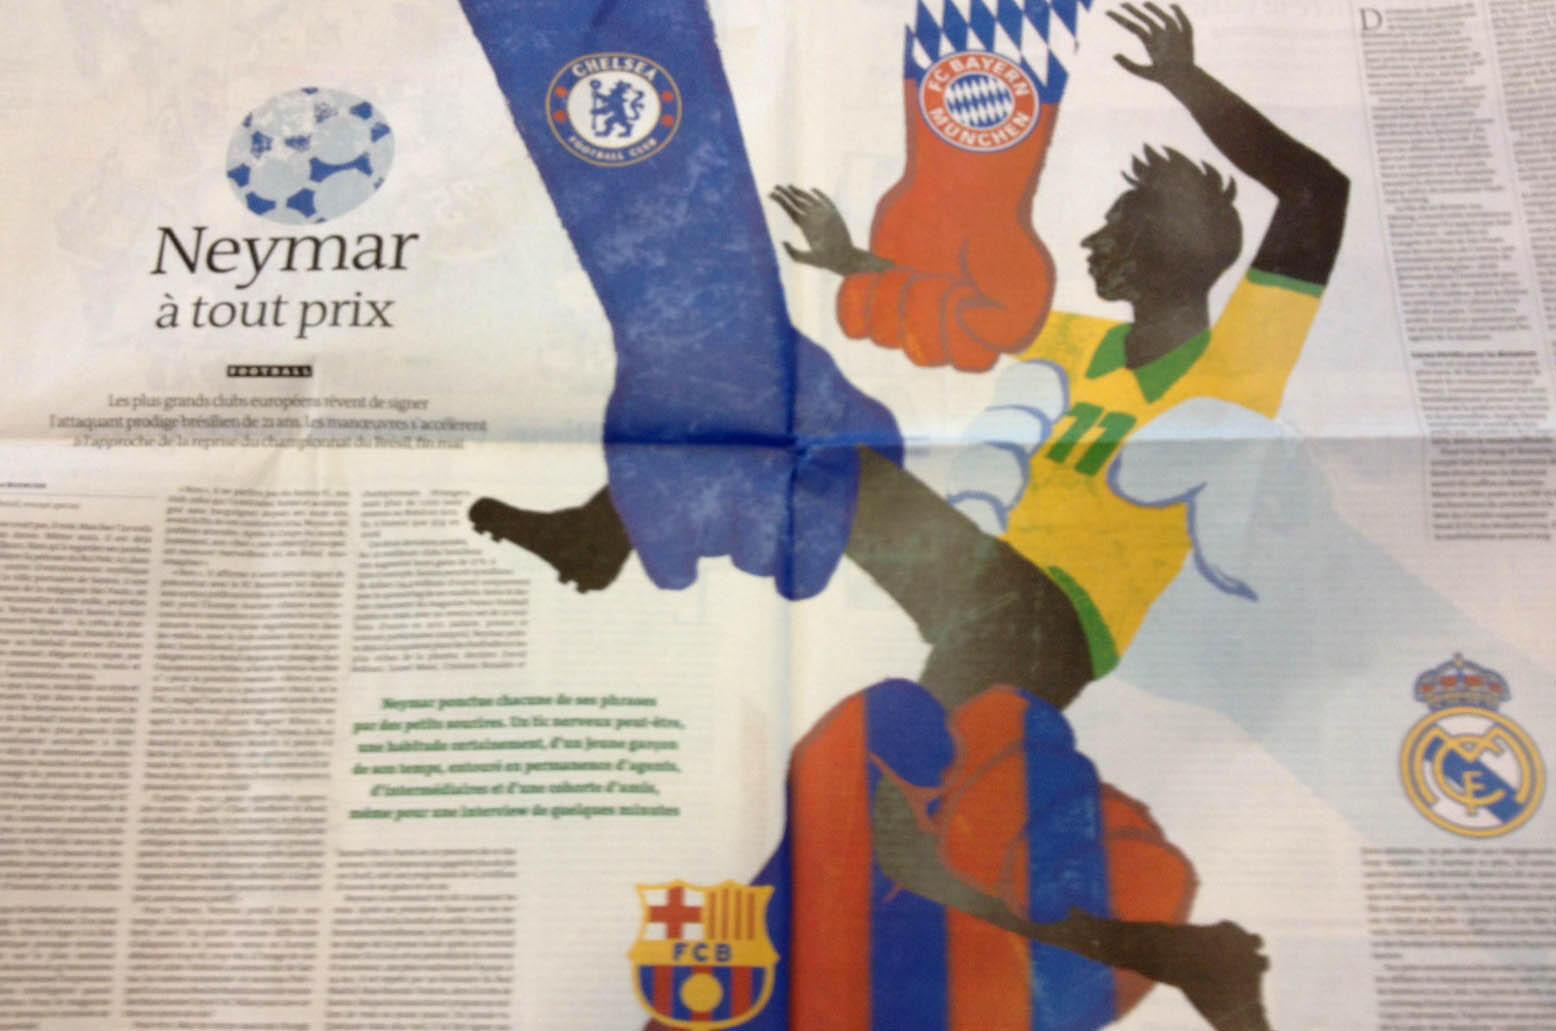 Ilustração do Le Monde mostra Neymar sendo disputado por grandes clubes europeus